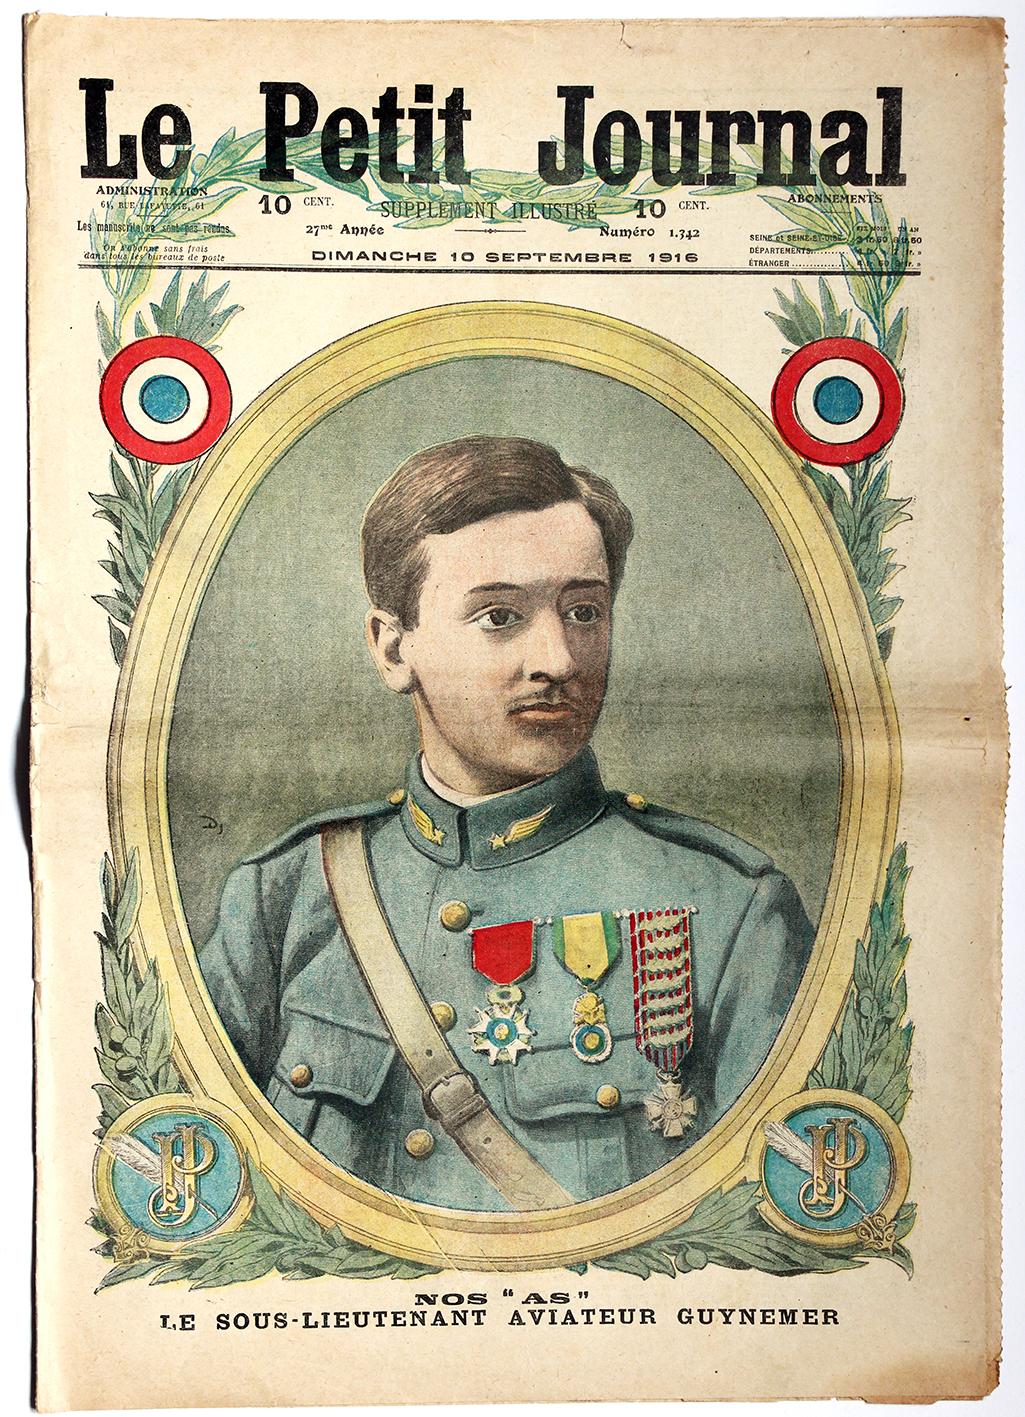 Le petit journal - supplément illustré - 10 septembre 1916 - Guynemer As Aviation